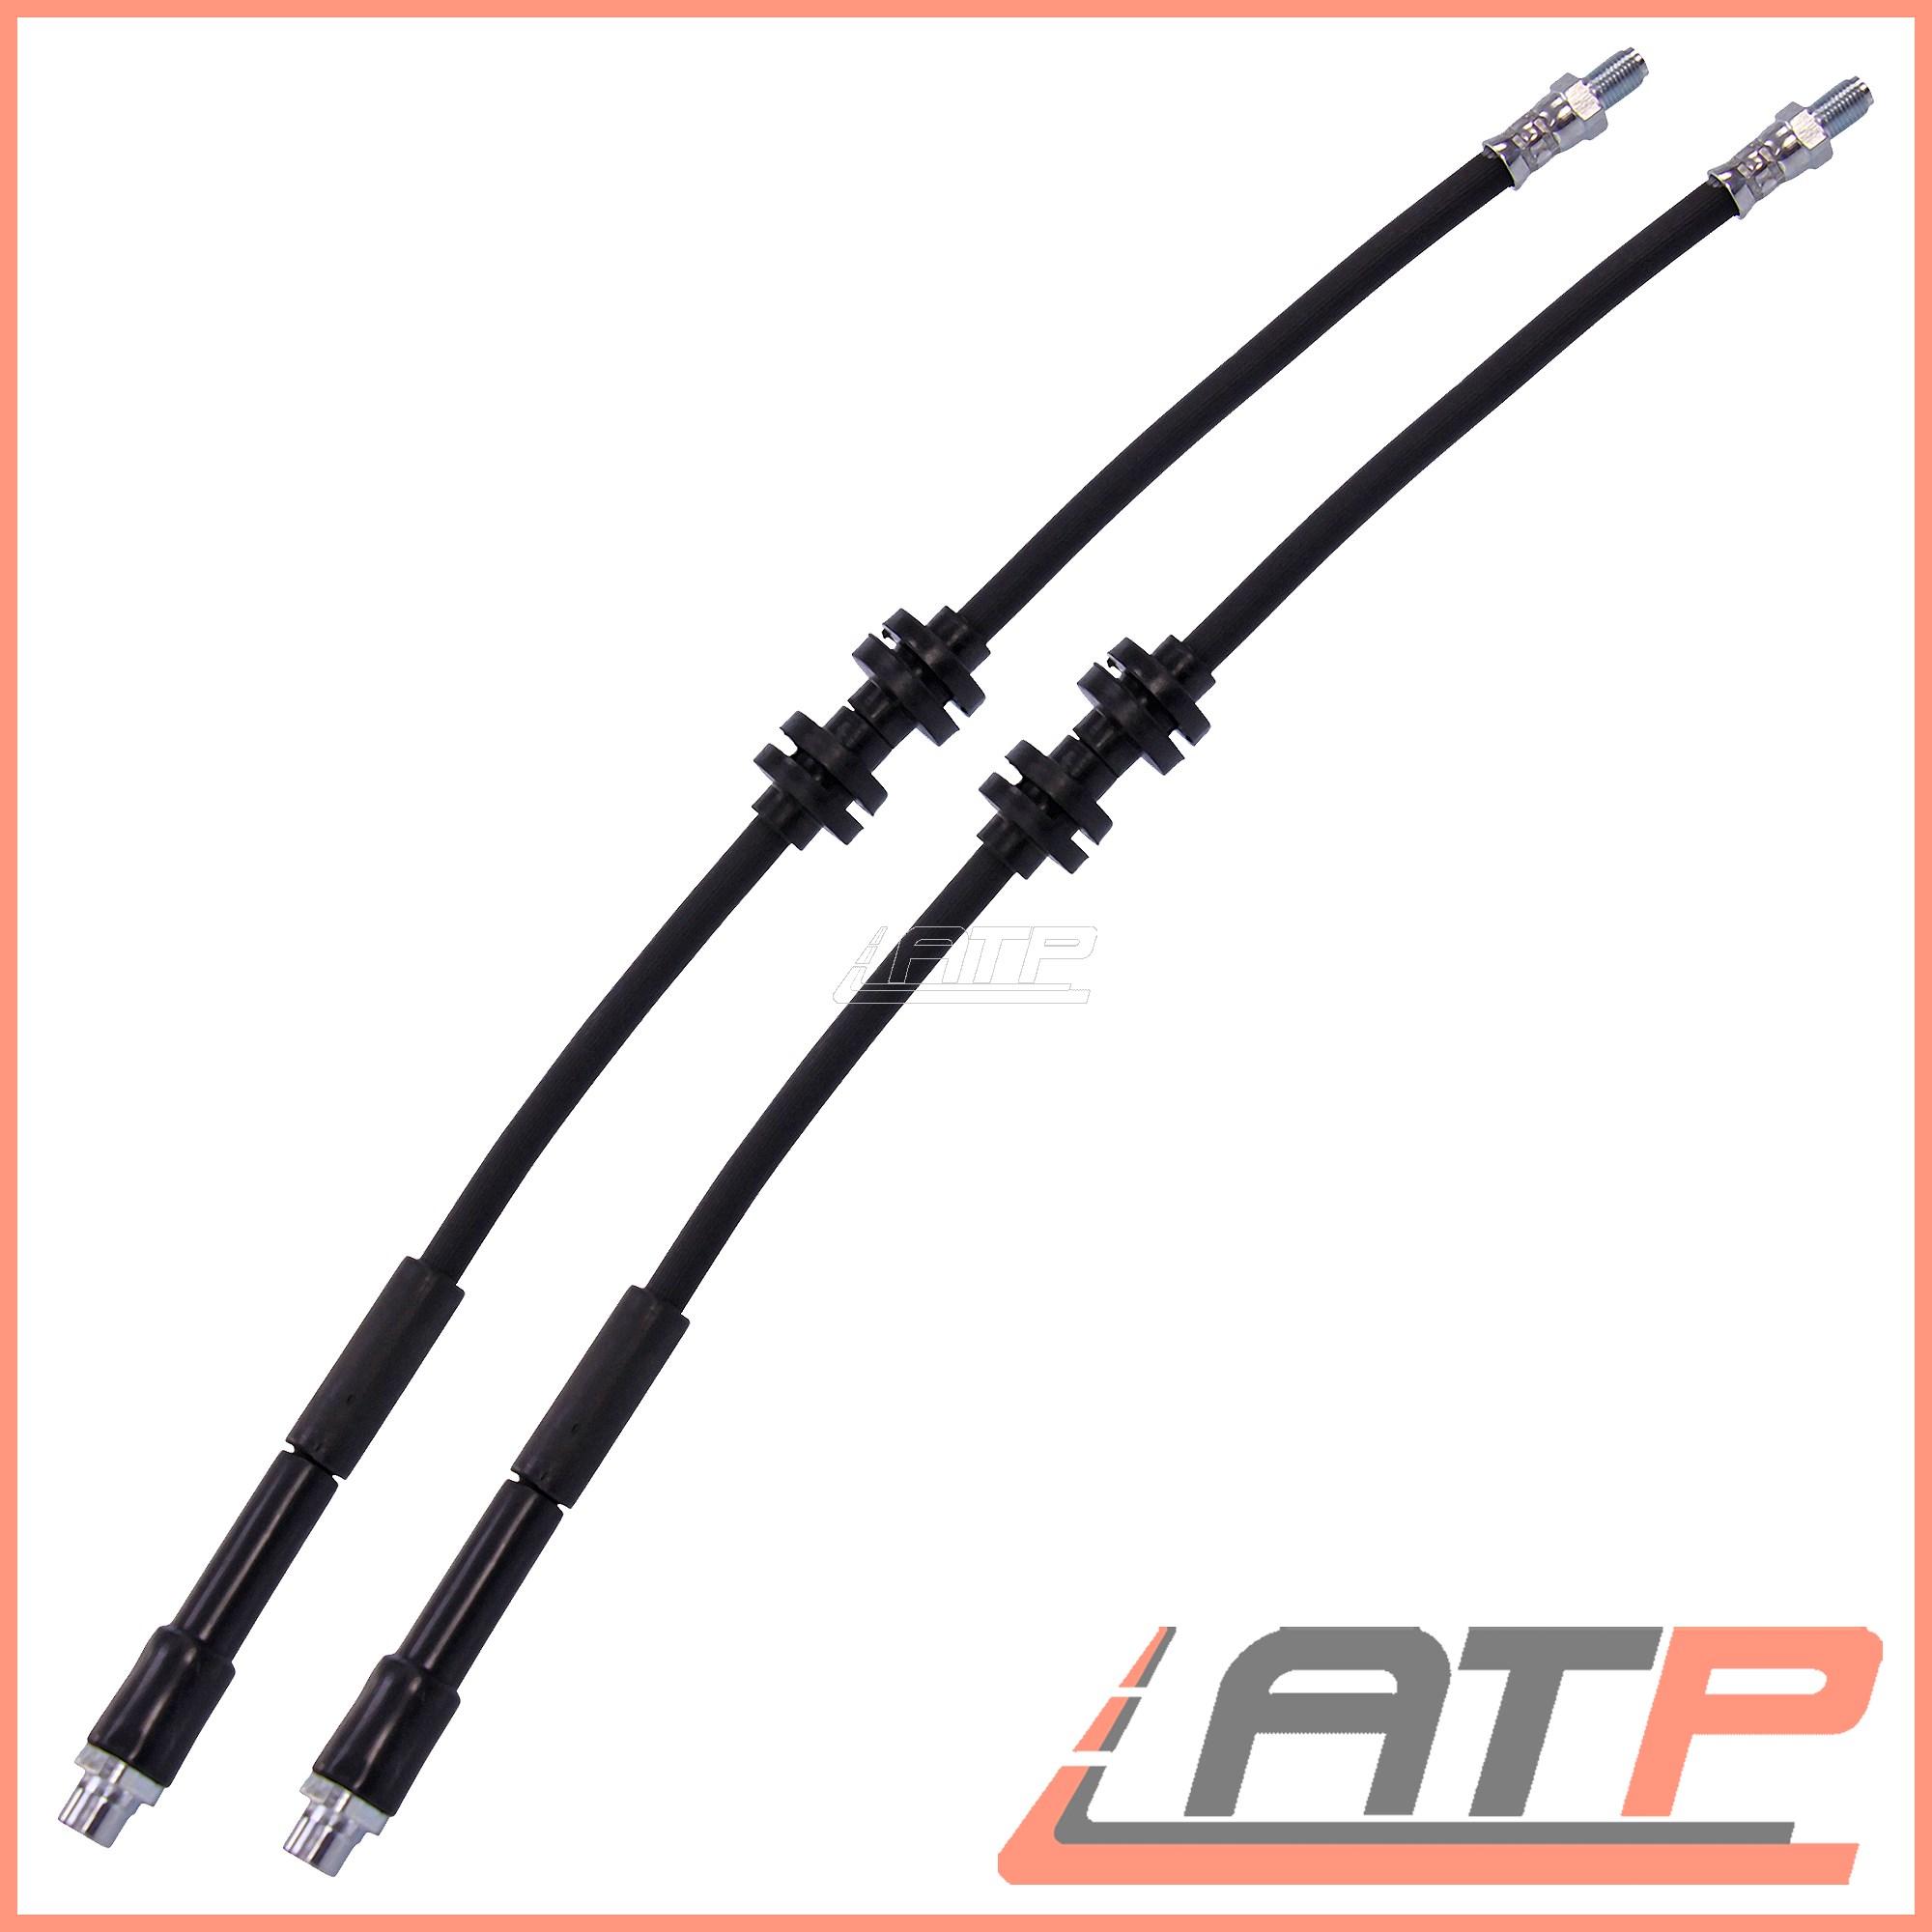 2x BRAKE LINE PIPE FRONT BMW 1 SERIES E81 E87 116-130 3 SERIES E90 E91 318-335